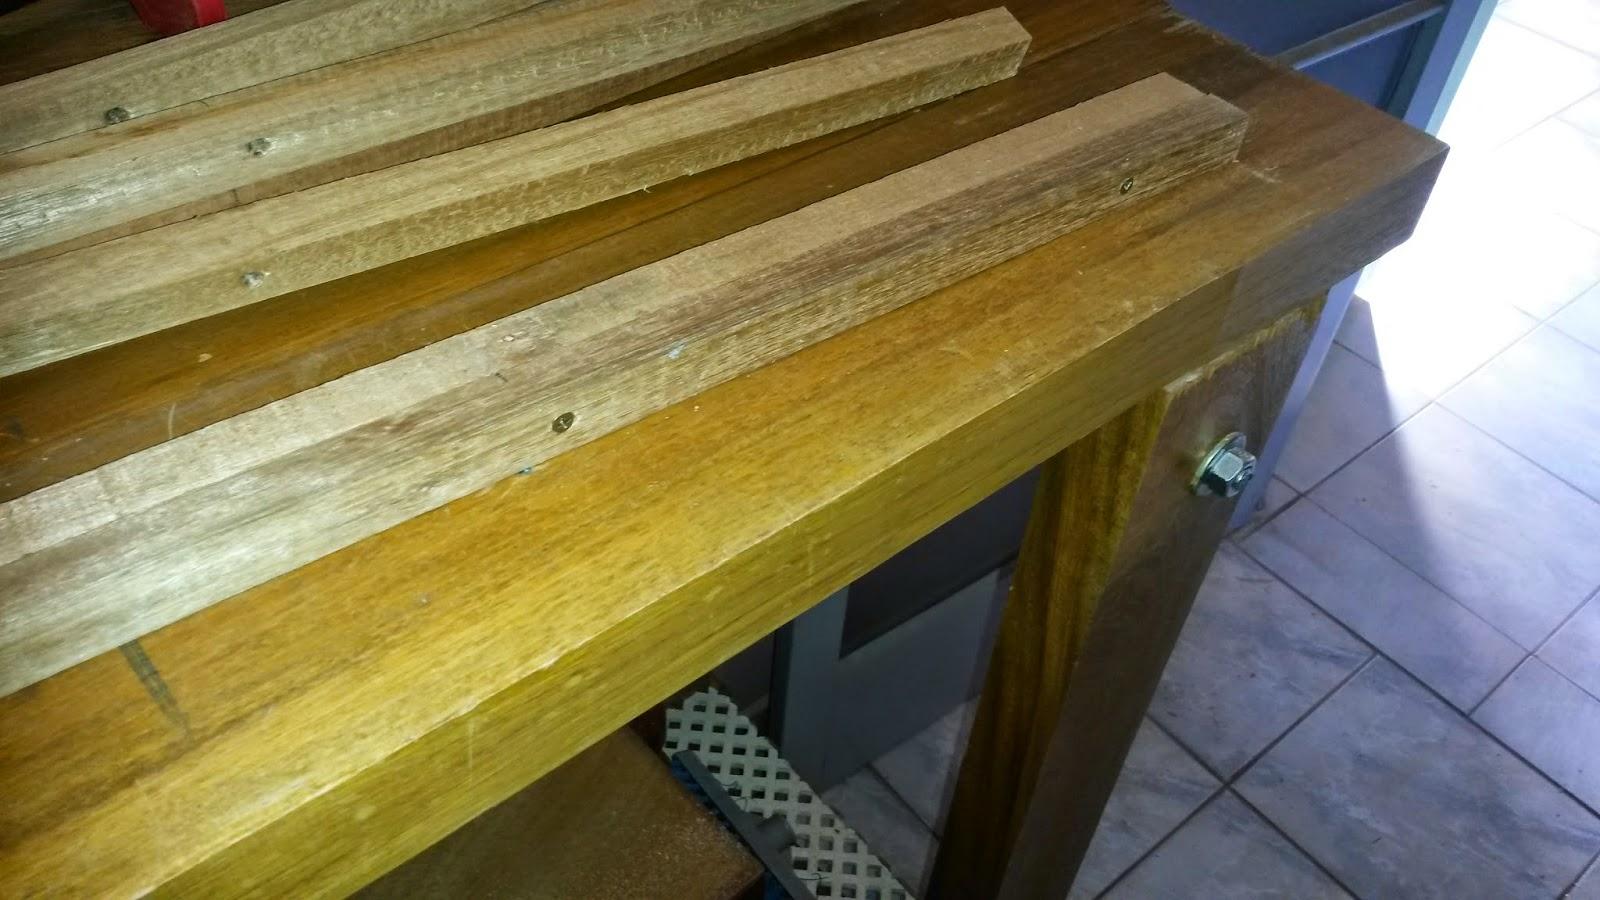 Oficina do Quintal: Como fazer um aparador com restos de madeira #624B1A 1600x900